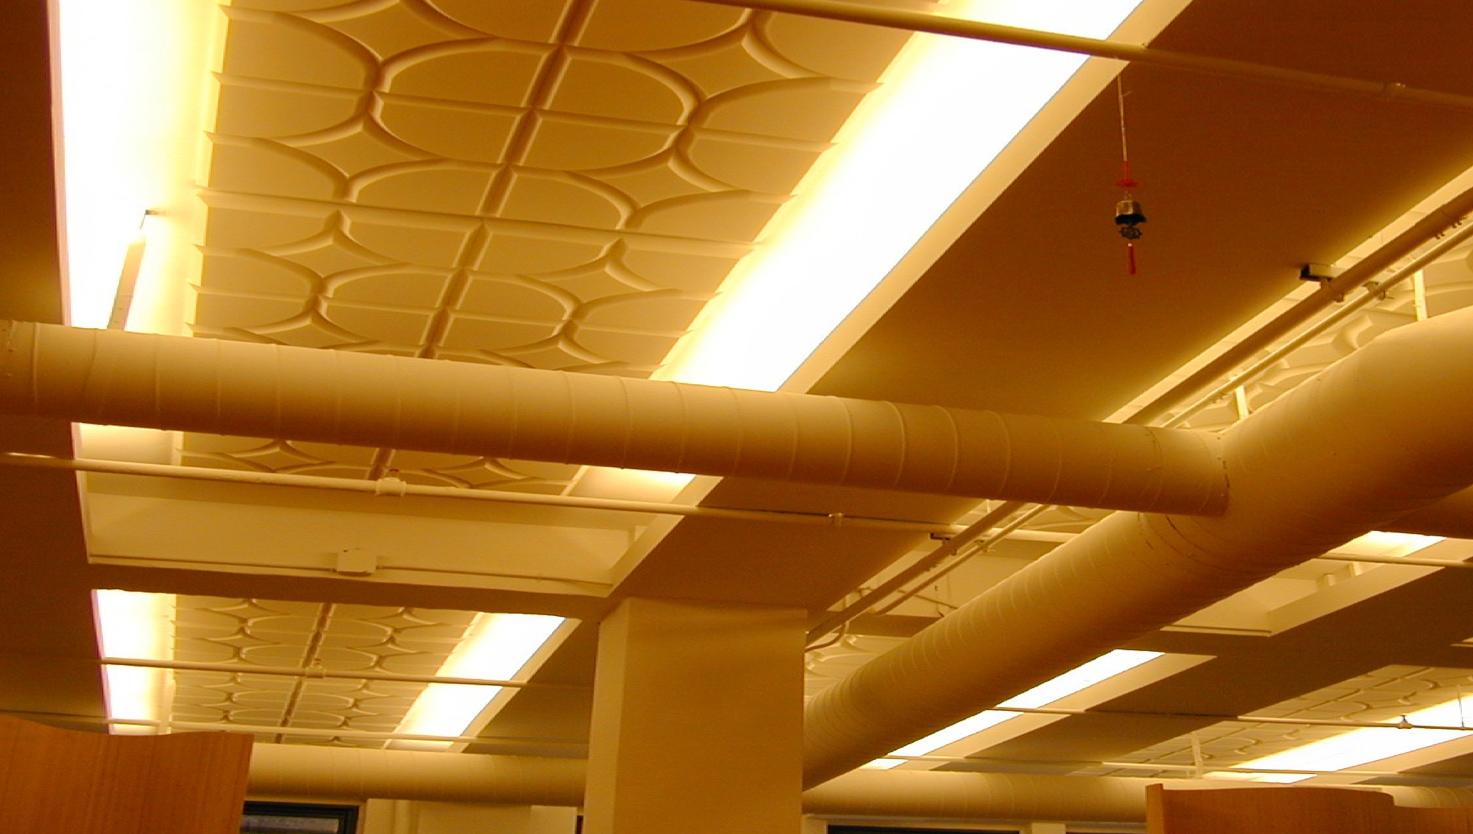 Contour ceiling tiles steven kleins sound control room inc contour ceiling tile installation sample 3 contour ceiling tile installation sample 4 doublecrazyfo Choice Image